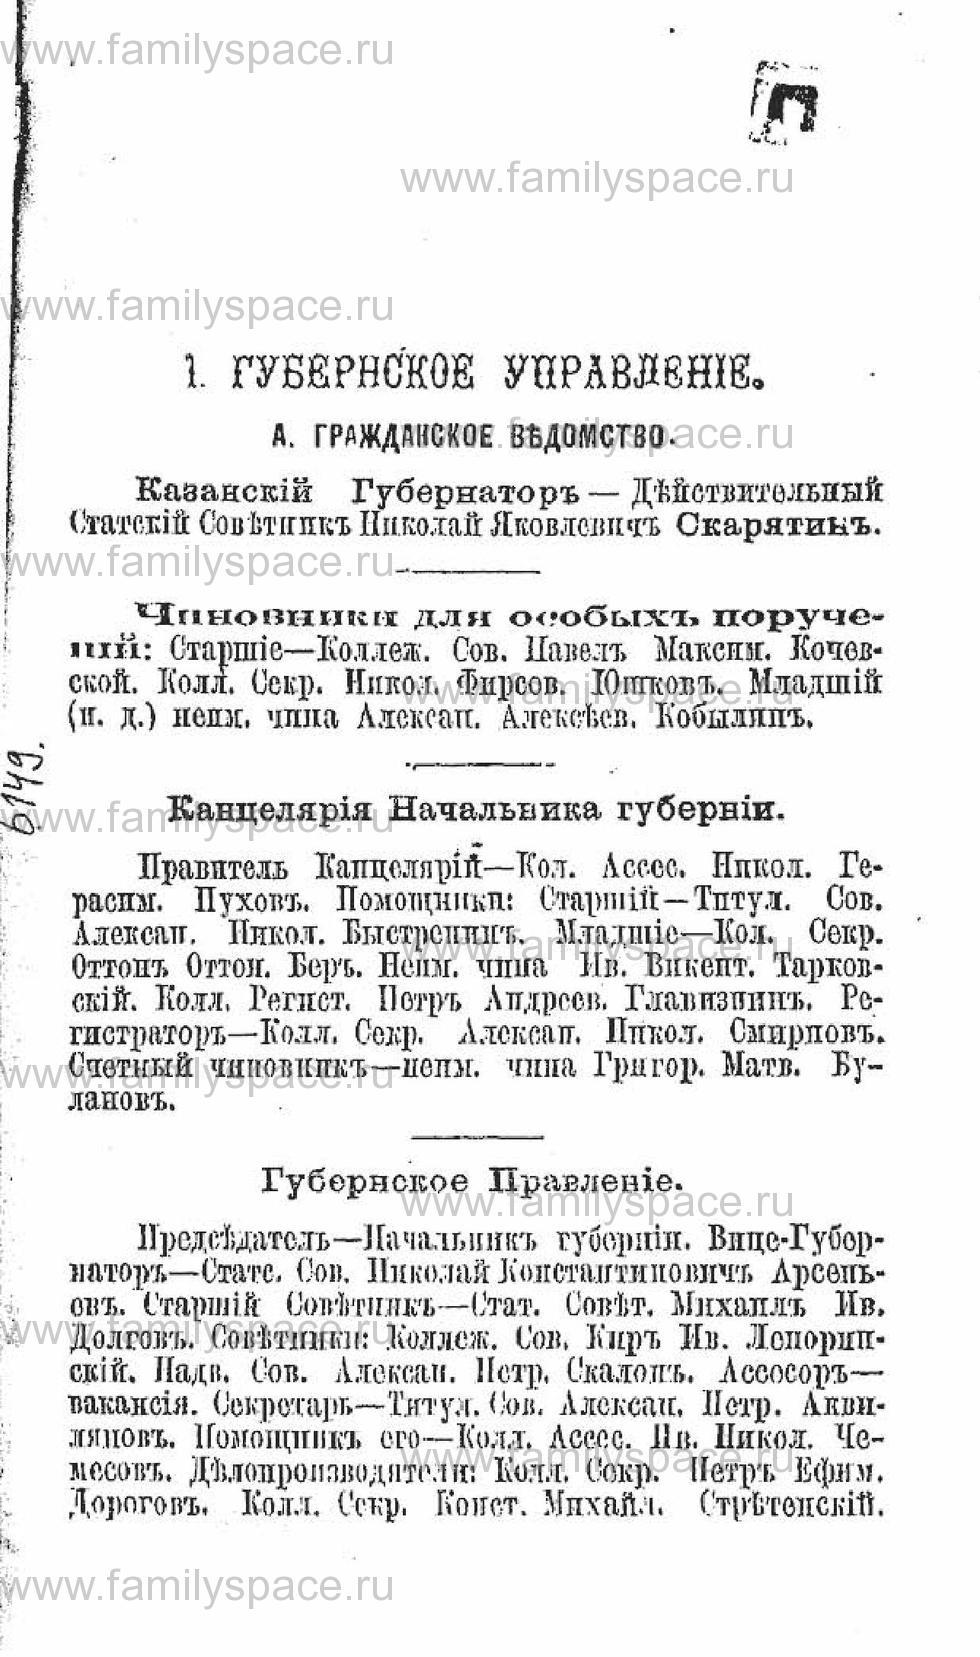 Поиск по фамилии - Адрес-календарь служащих в Казанской губернии лиц - 1872 год, страница 1